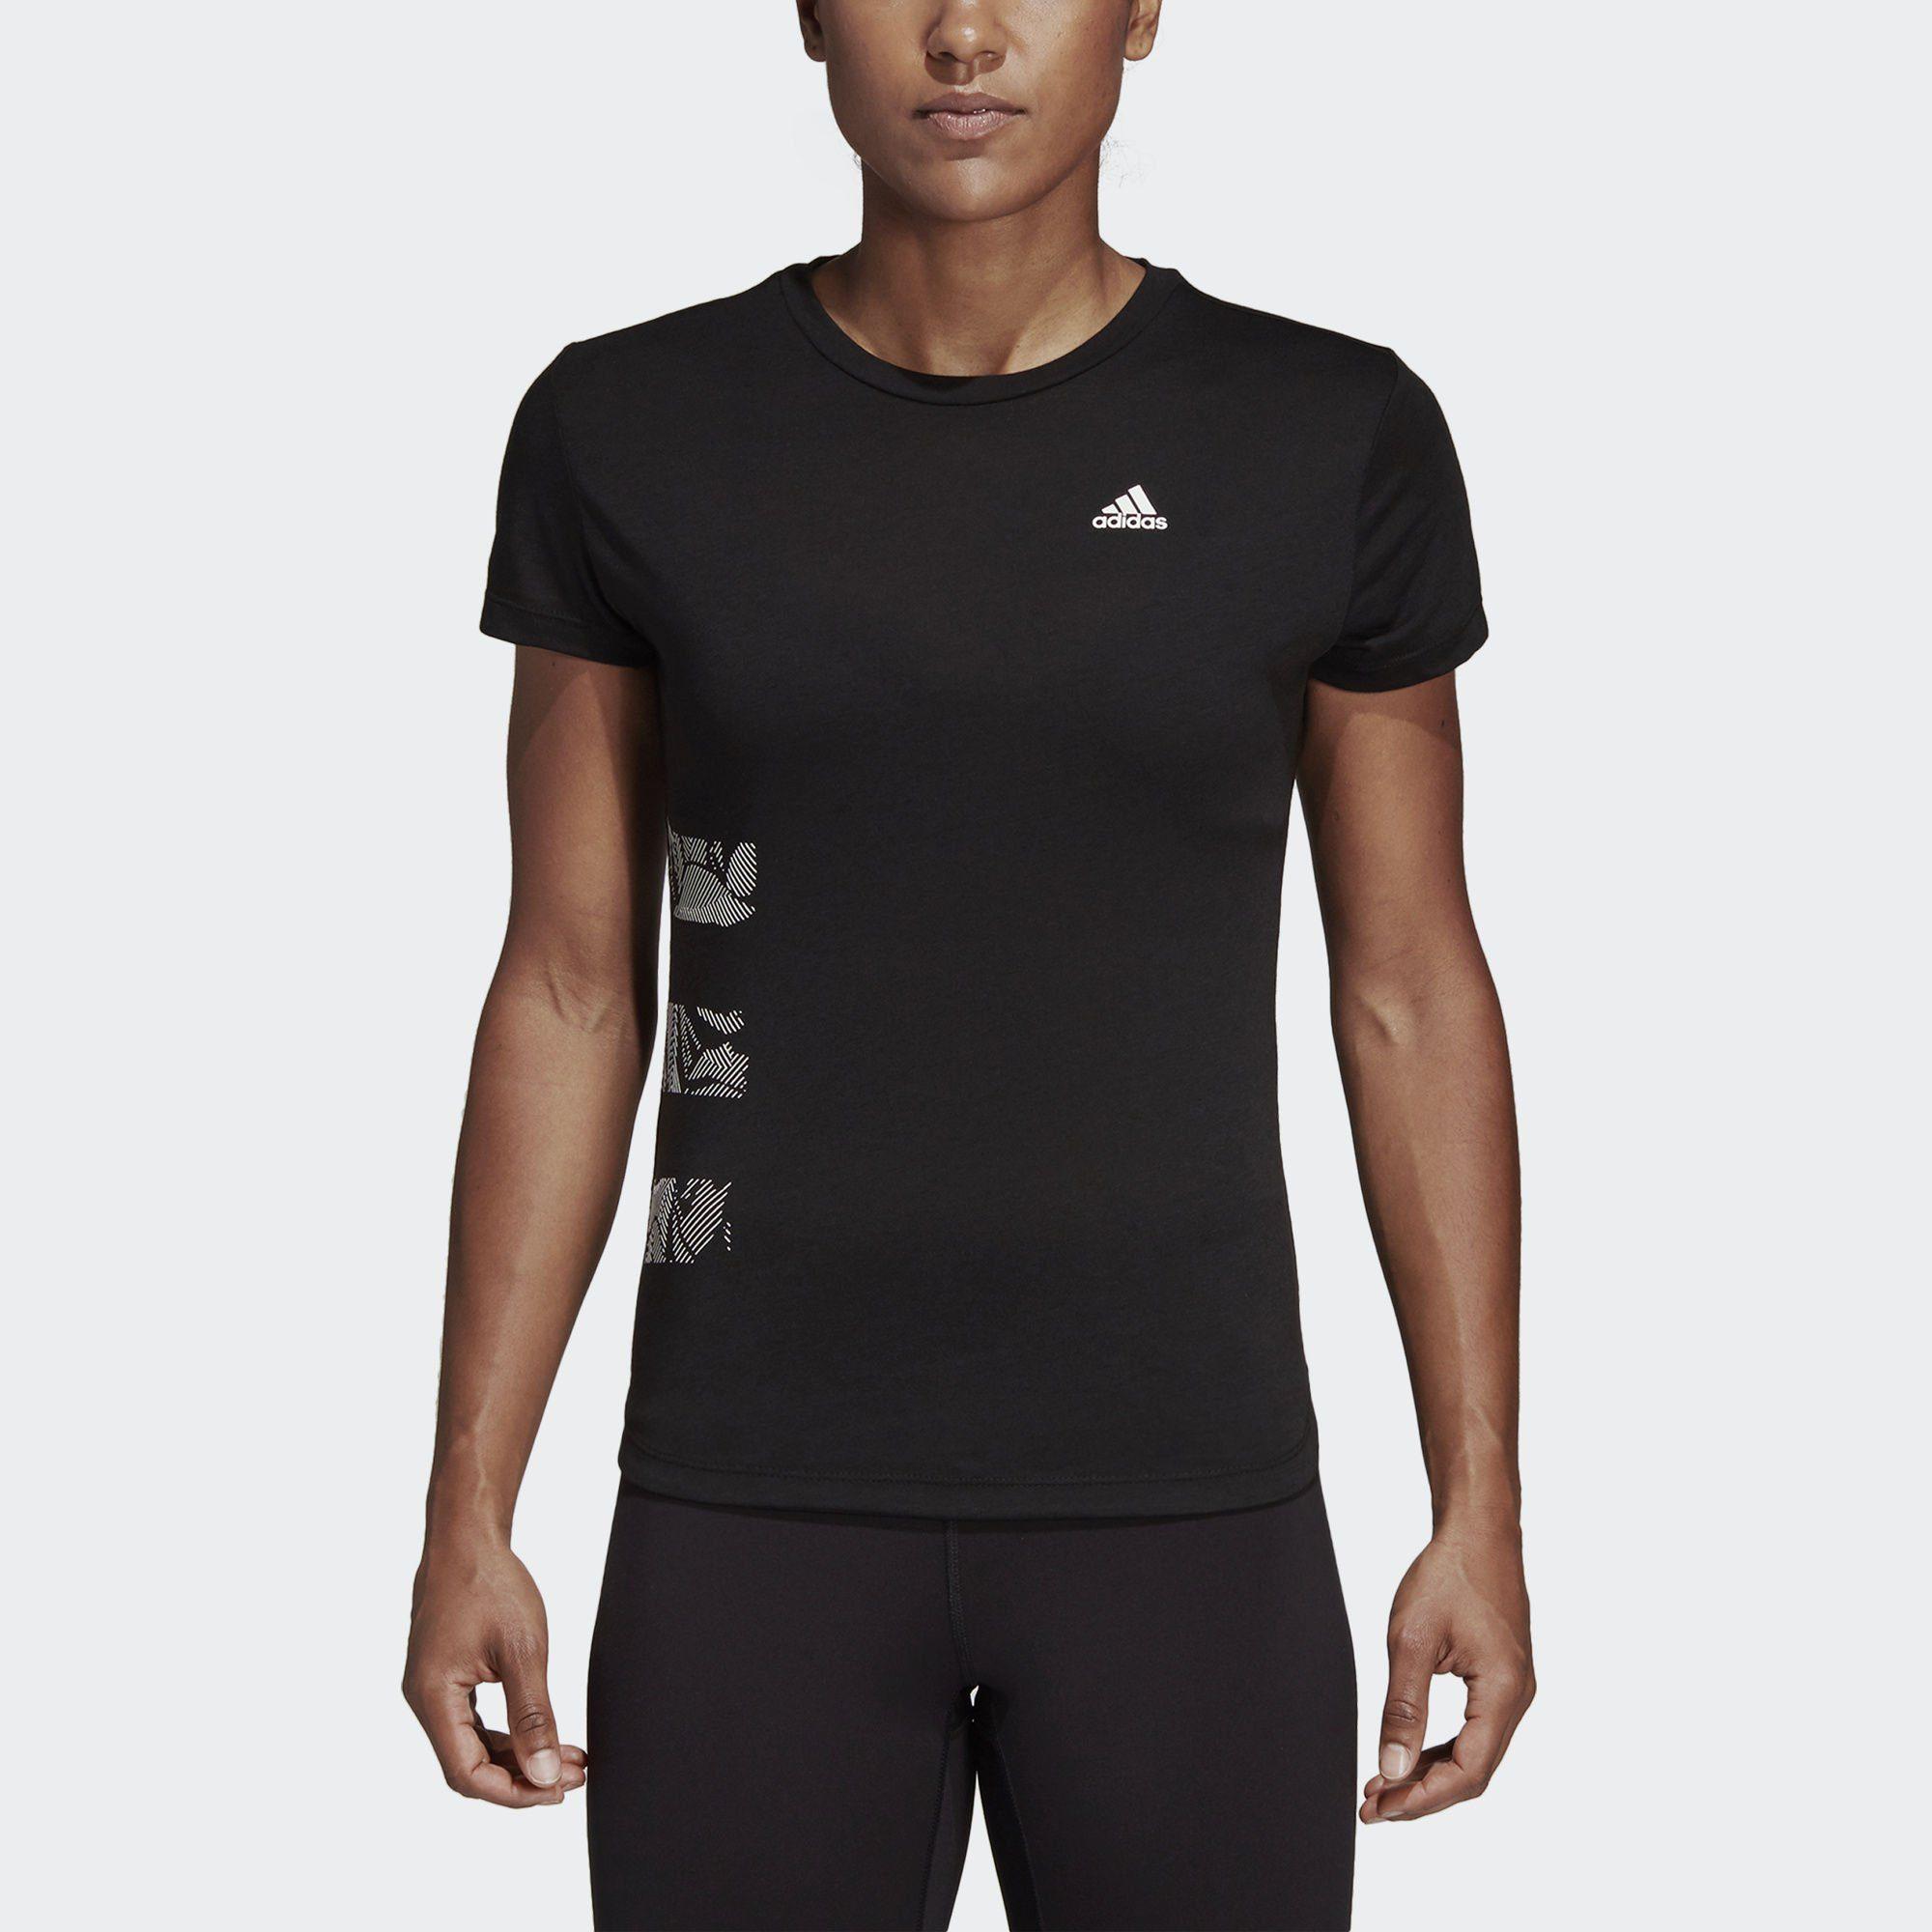 adidas Performance Sporttop »3 Streifen T Shirt« Clima online kaufen   OTTO